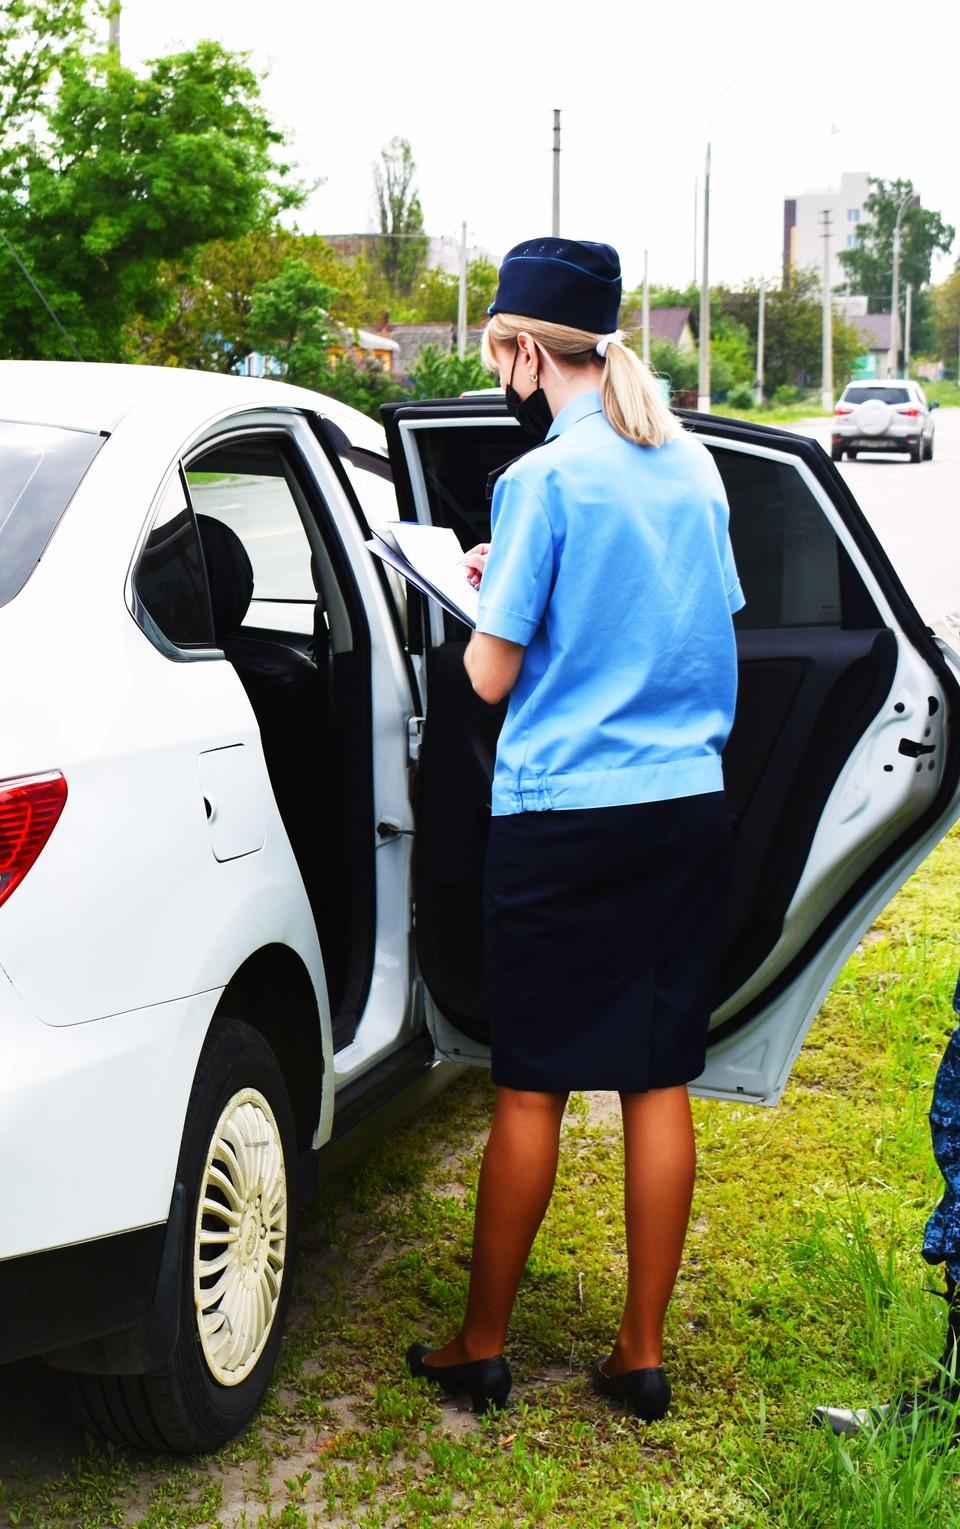 Погасить задолженность мужчина решил лишь после того, как на его машину «ЗАЗ Chance» наложили арест. Фото пресс-службы УФССП России по Белгородской области.